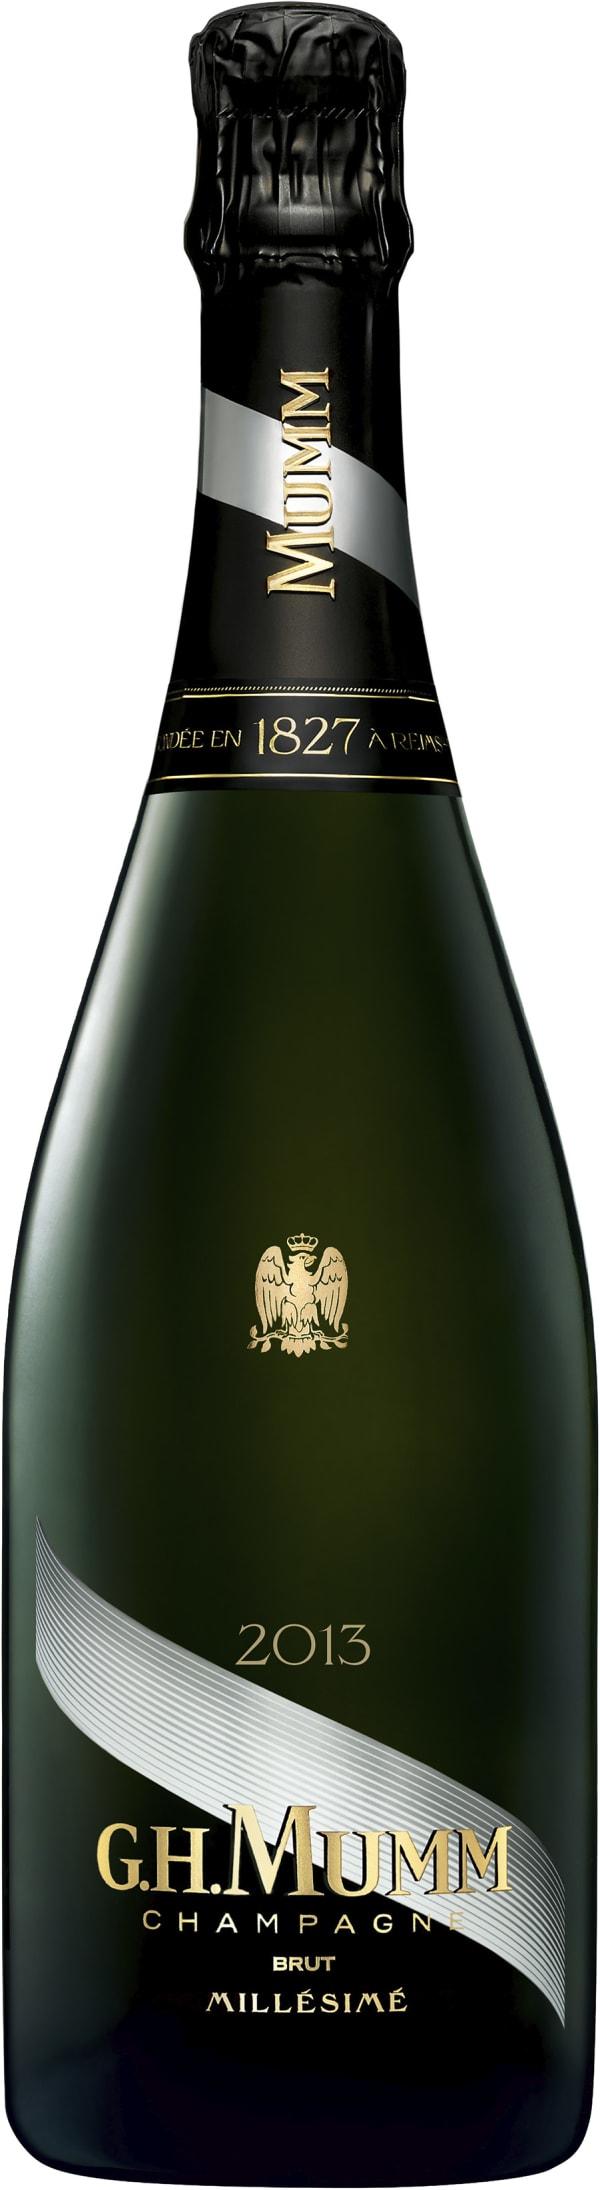 Mumm Le Millésimé Champagne Brut 2012